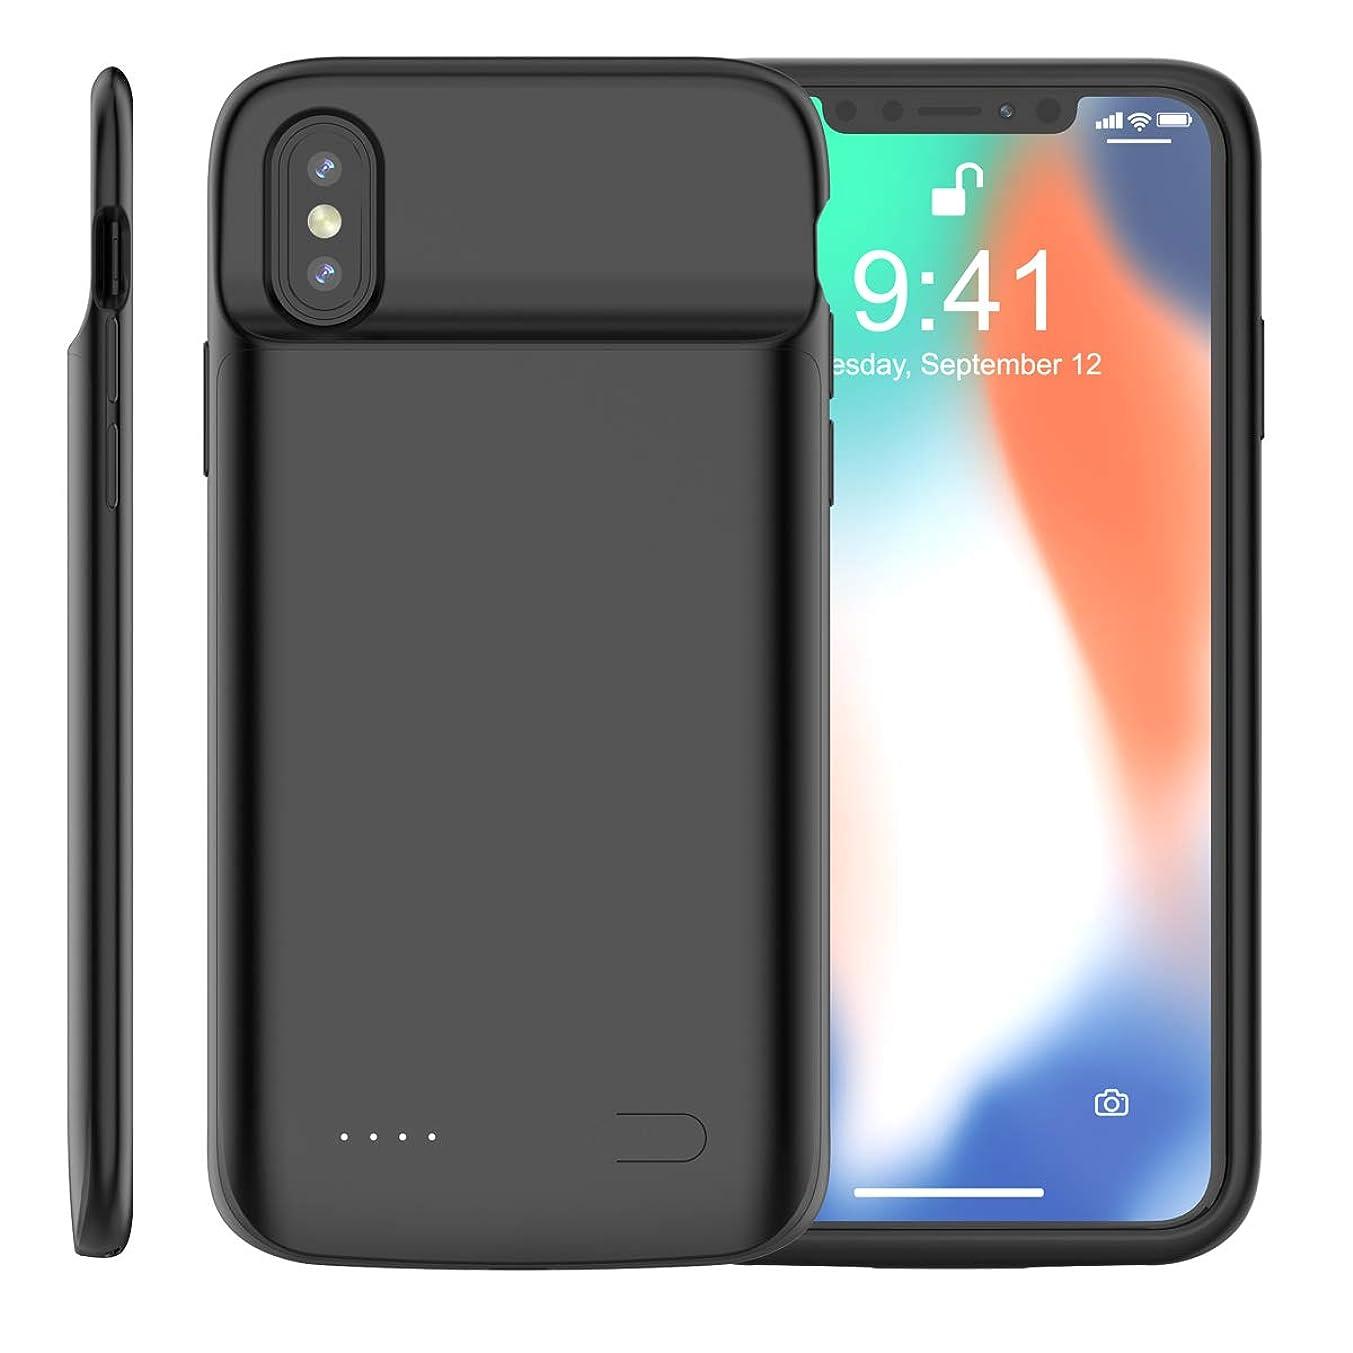 稚魚火山の牛肉iPhoneX/XS 対応 バッテリーケース 4100mAh バッテリー内蔵ケース ケース iPhoneX/Xs バッテリー 適応 battery case iphone x/xr大容量 黒